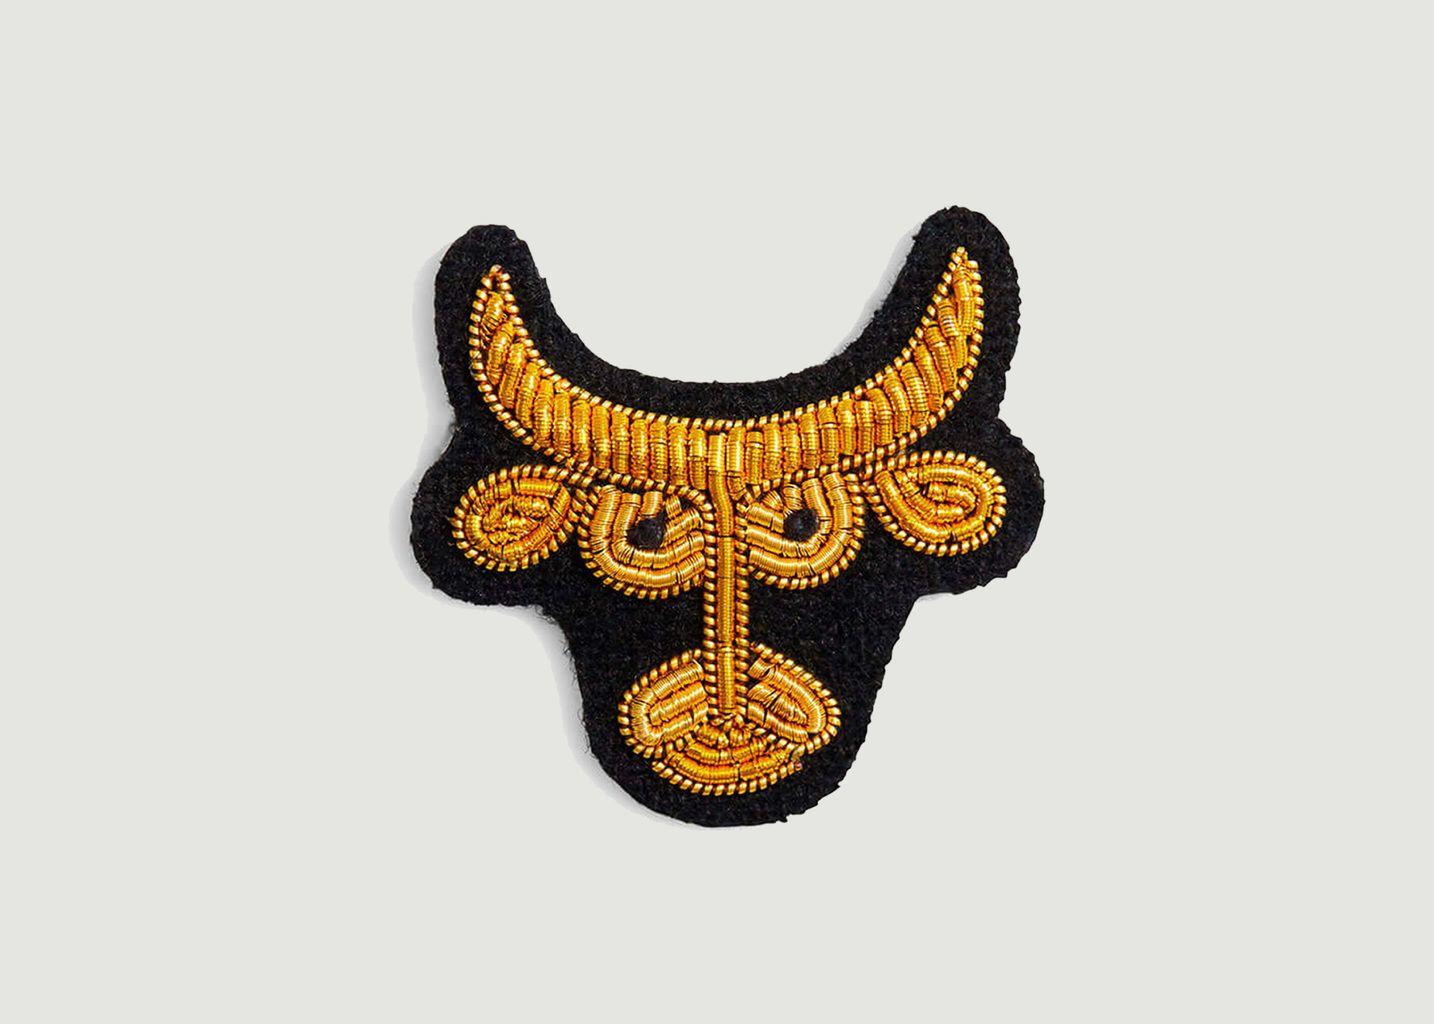 Broche signe astrologique Taureau - Macon & Lesquoy